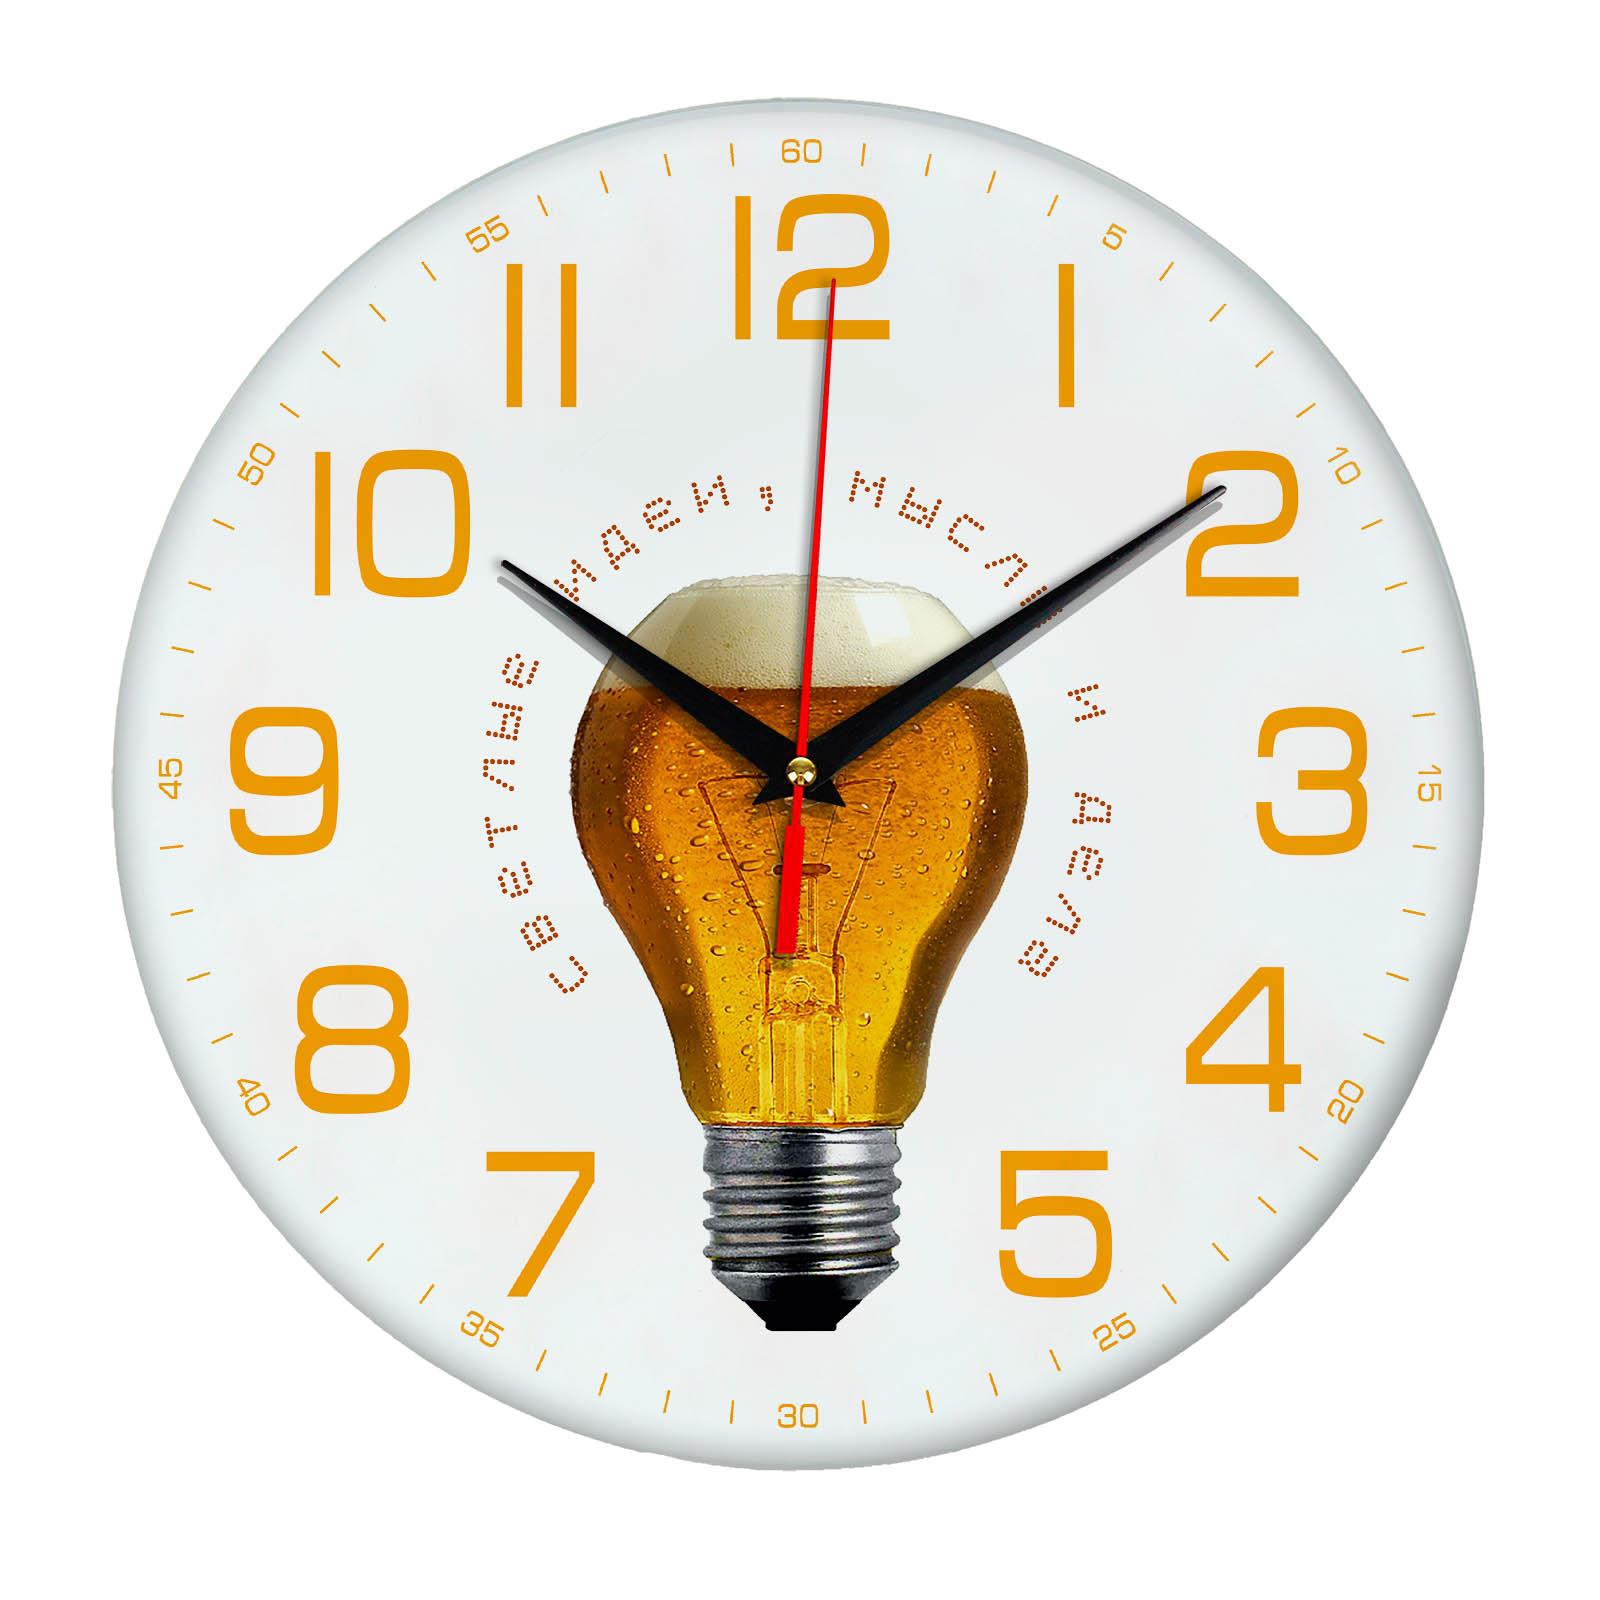 Часы подарок «Светлая идея»